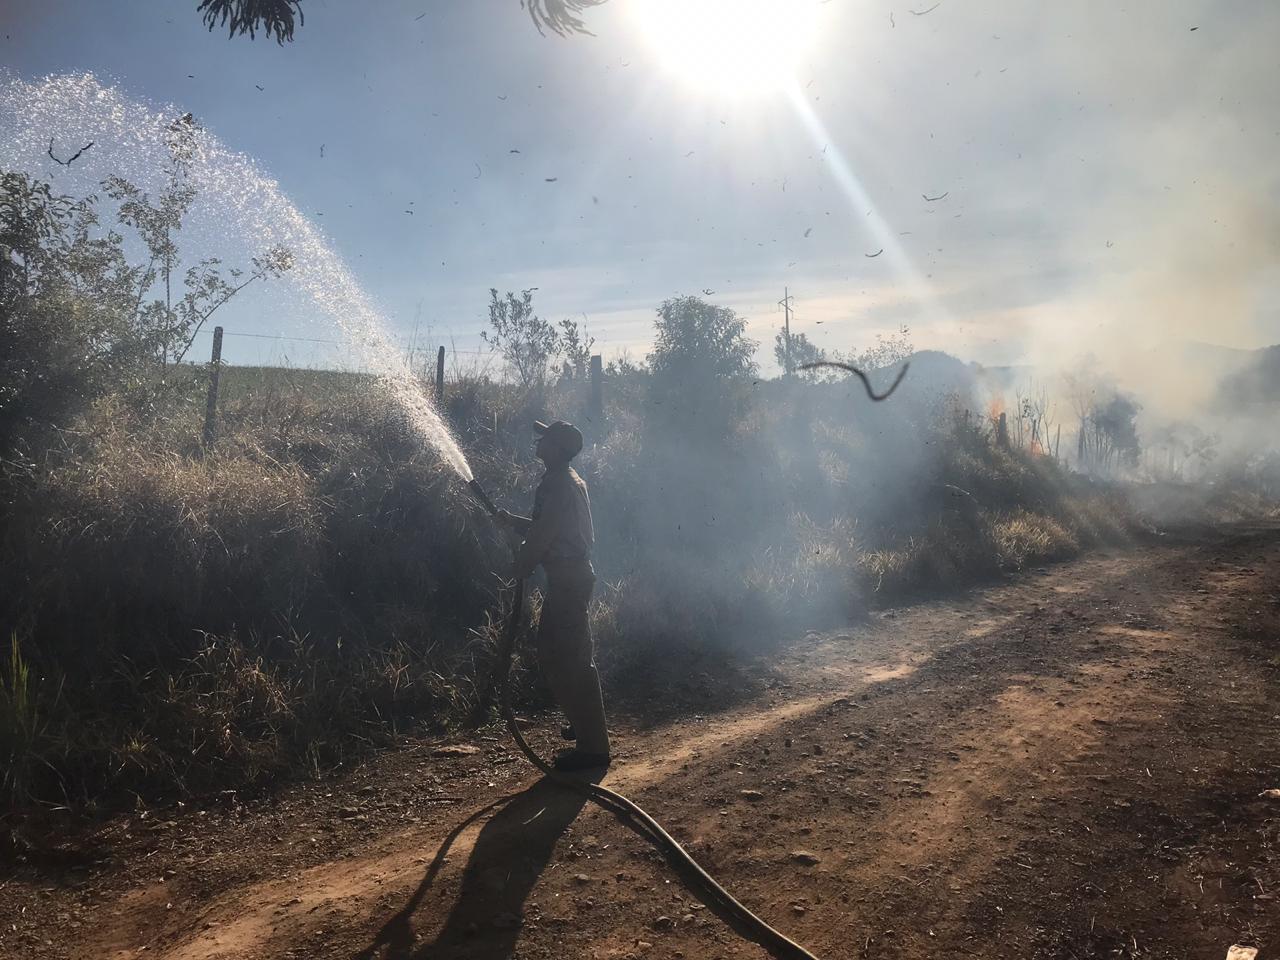 Incêndio em vegetação mobiliza equipe do Corpo de Bombeiros em Laranjeiras do Sul